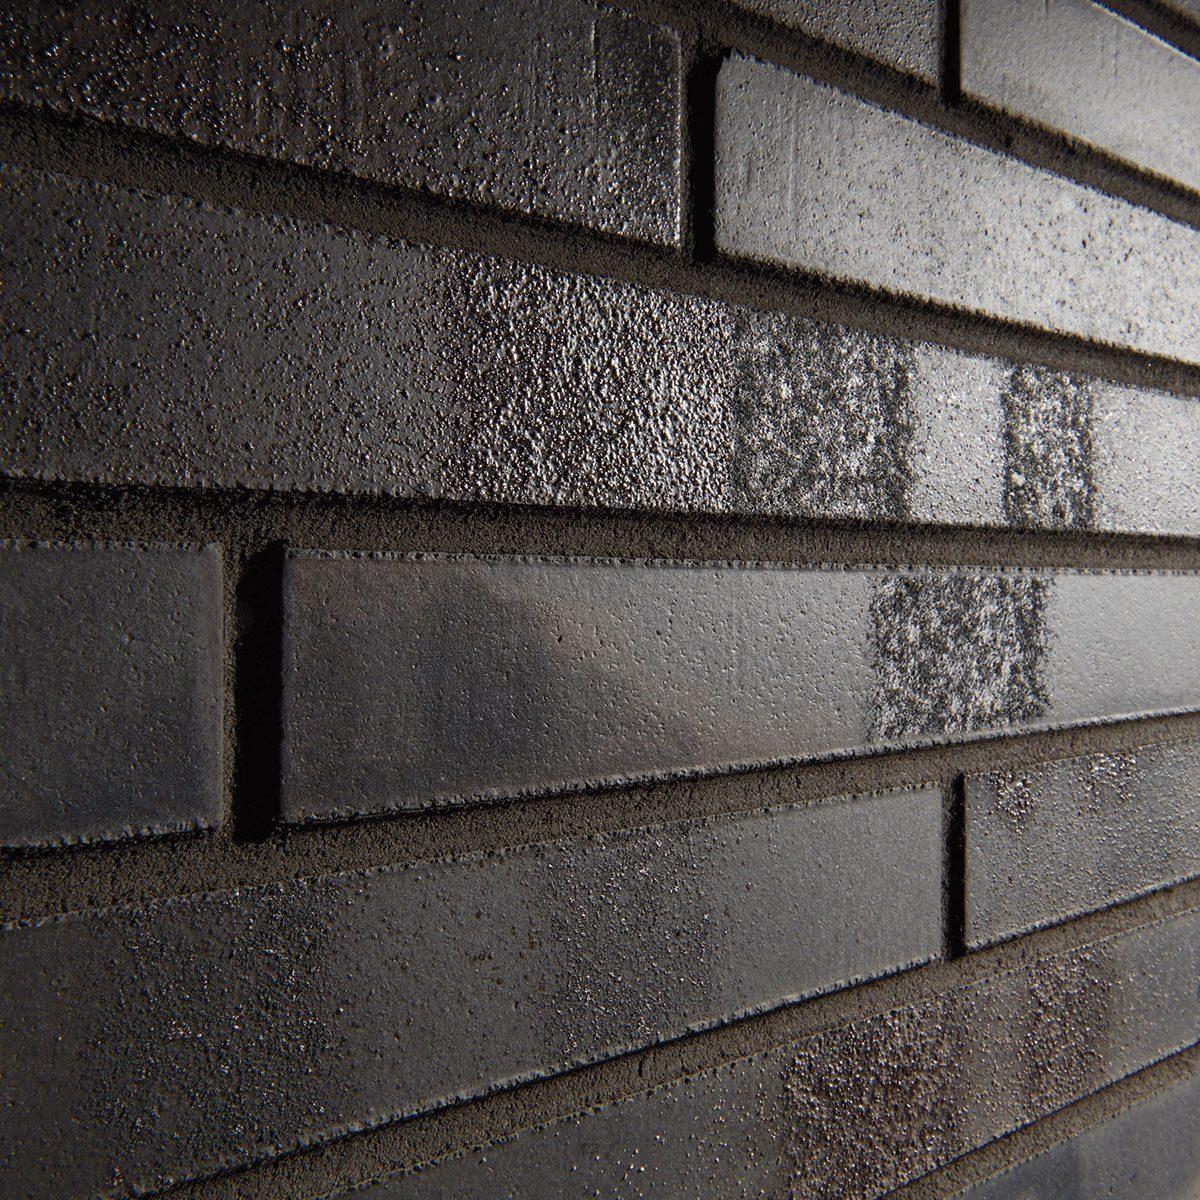 KLAY Tiles Facades - KLAY_SBR-2105_IronBlack-2